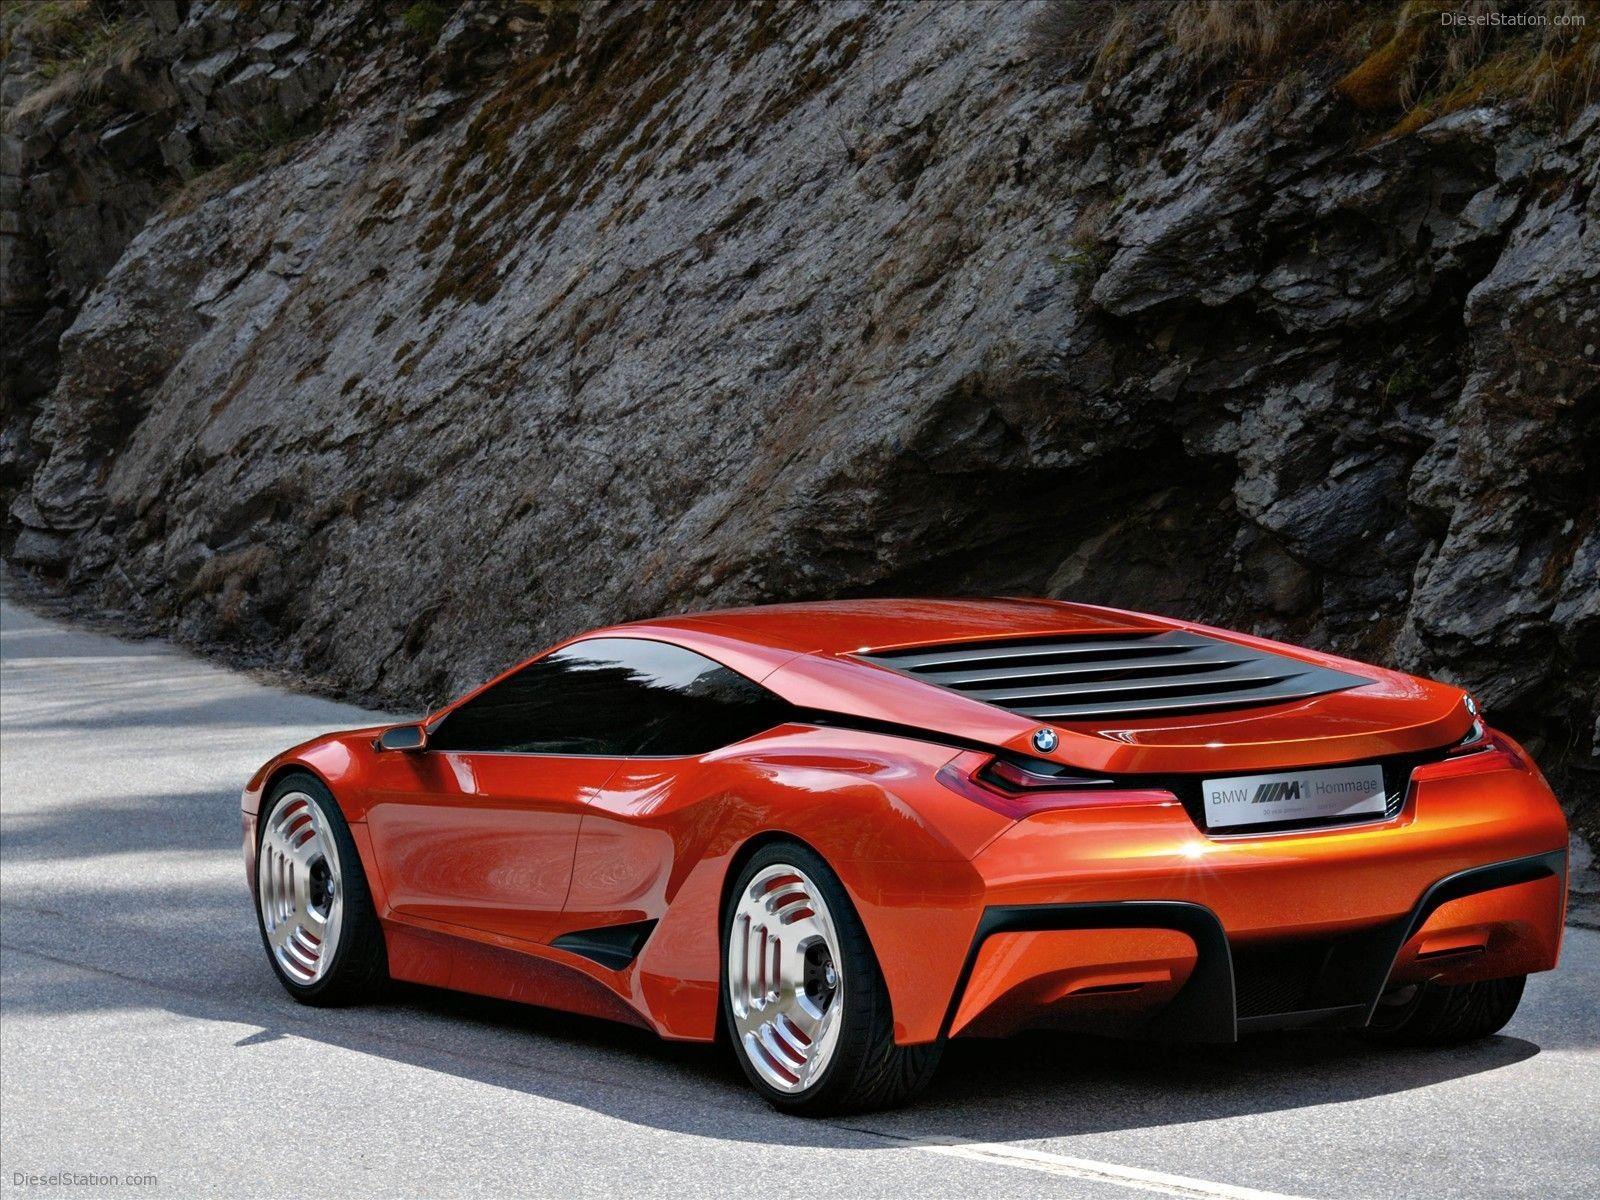 BMW hommage concept Bmw concept car, Bmw concept, Bmw cars